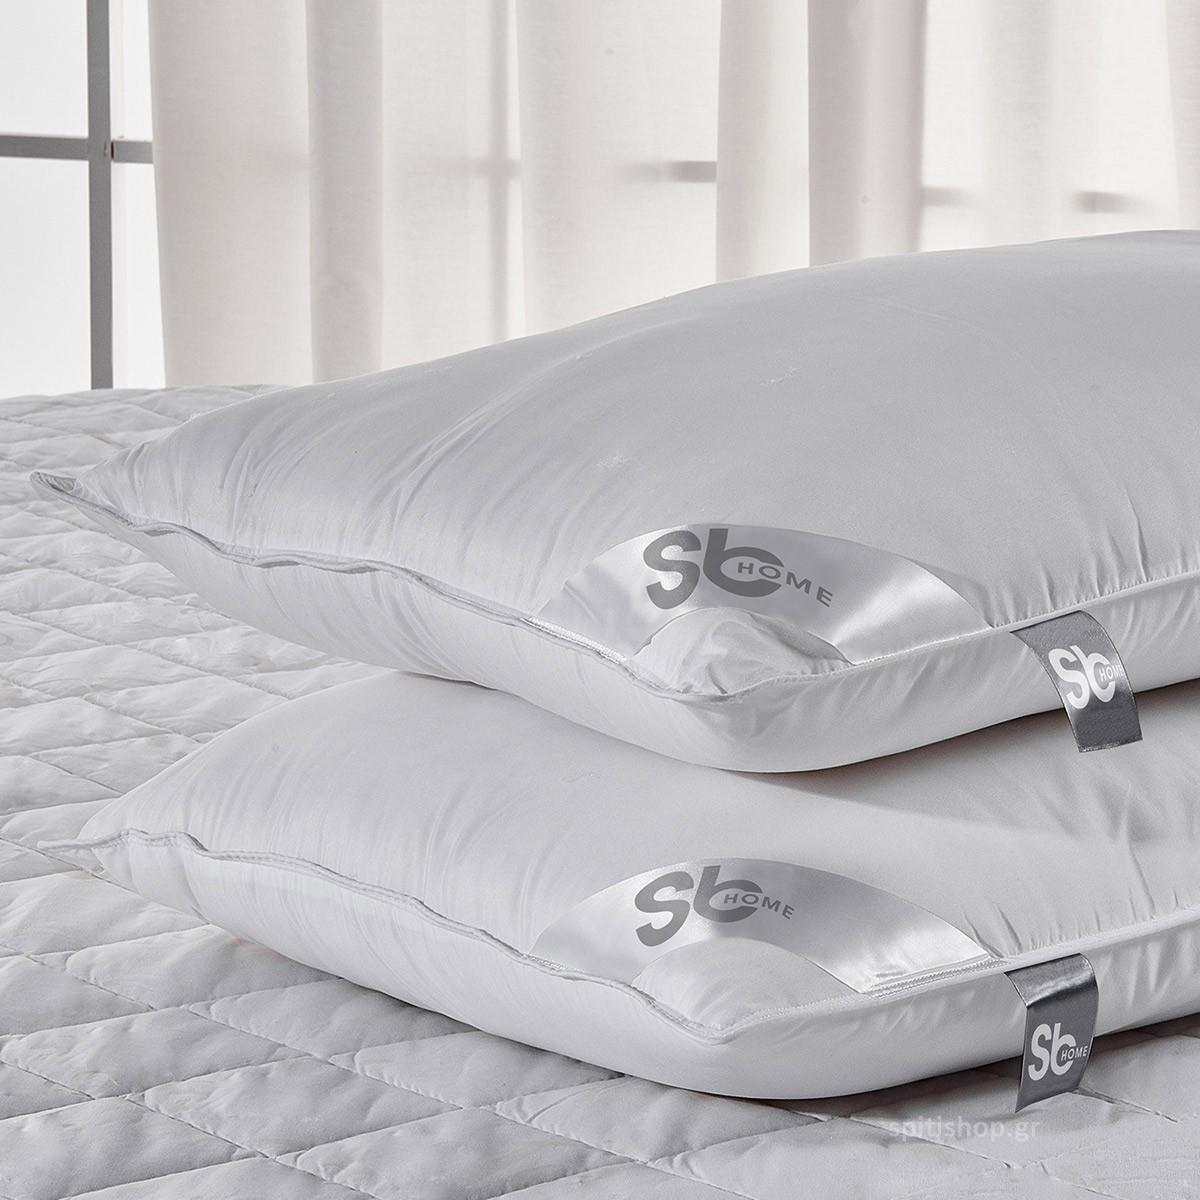 Μαξιλάρι Ύπνου Sb Home Comfort